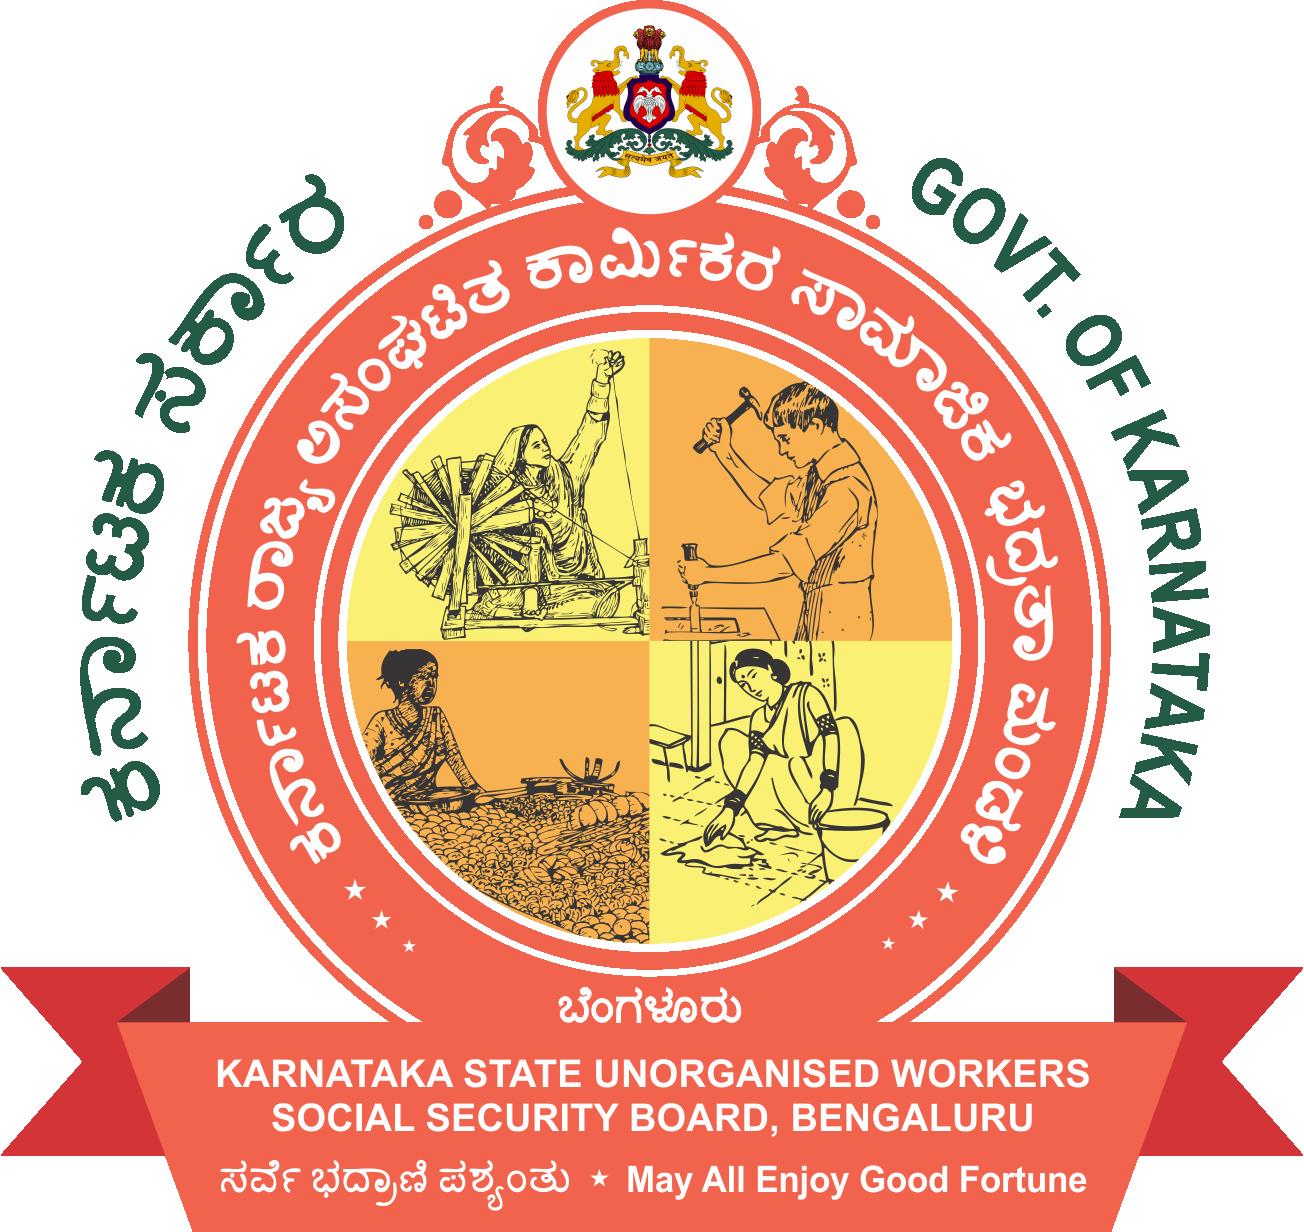 Karnataka State Unorganised Workers Social Security Board